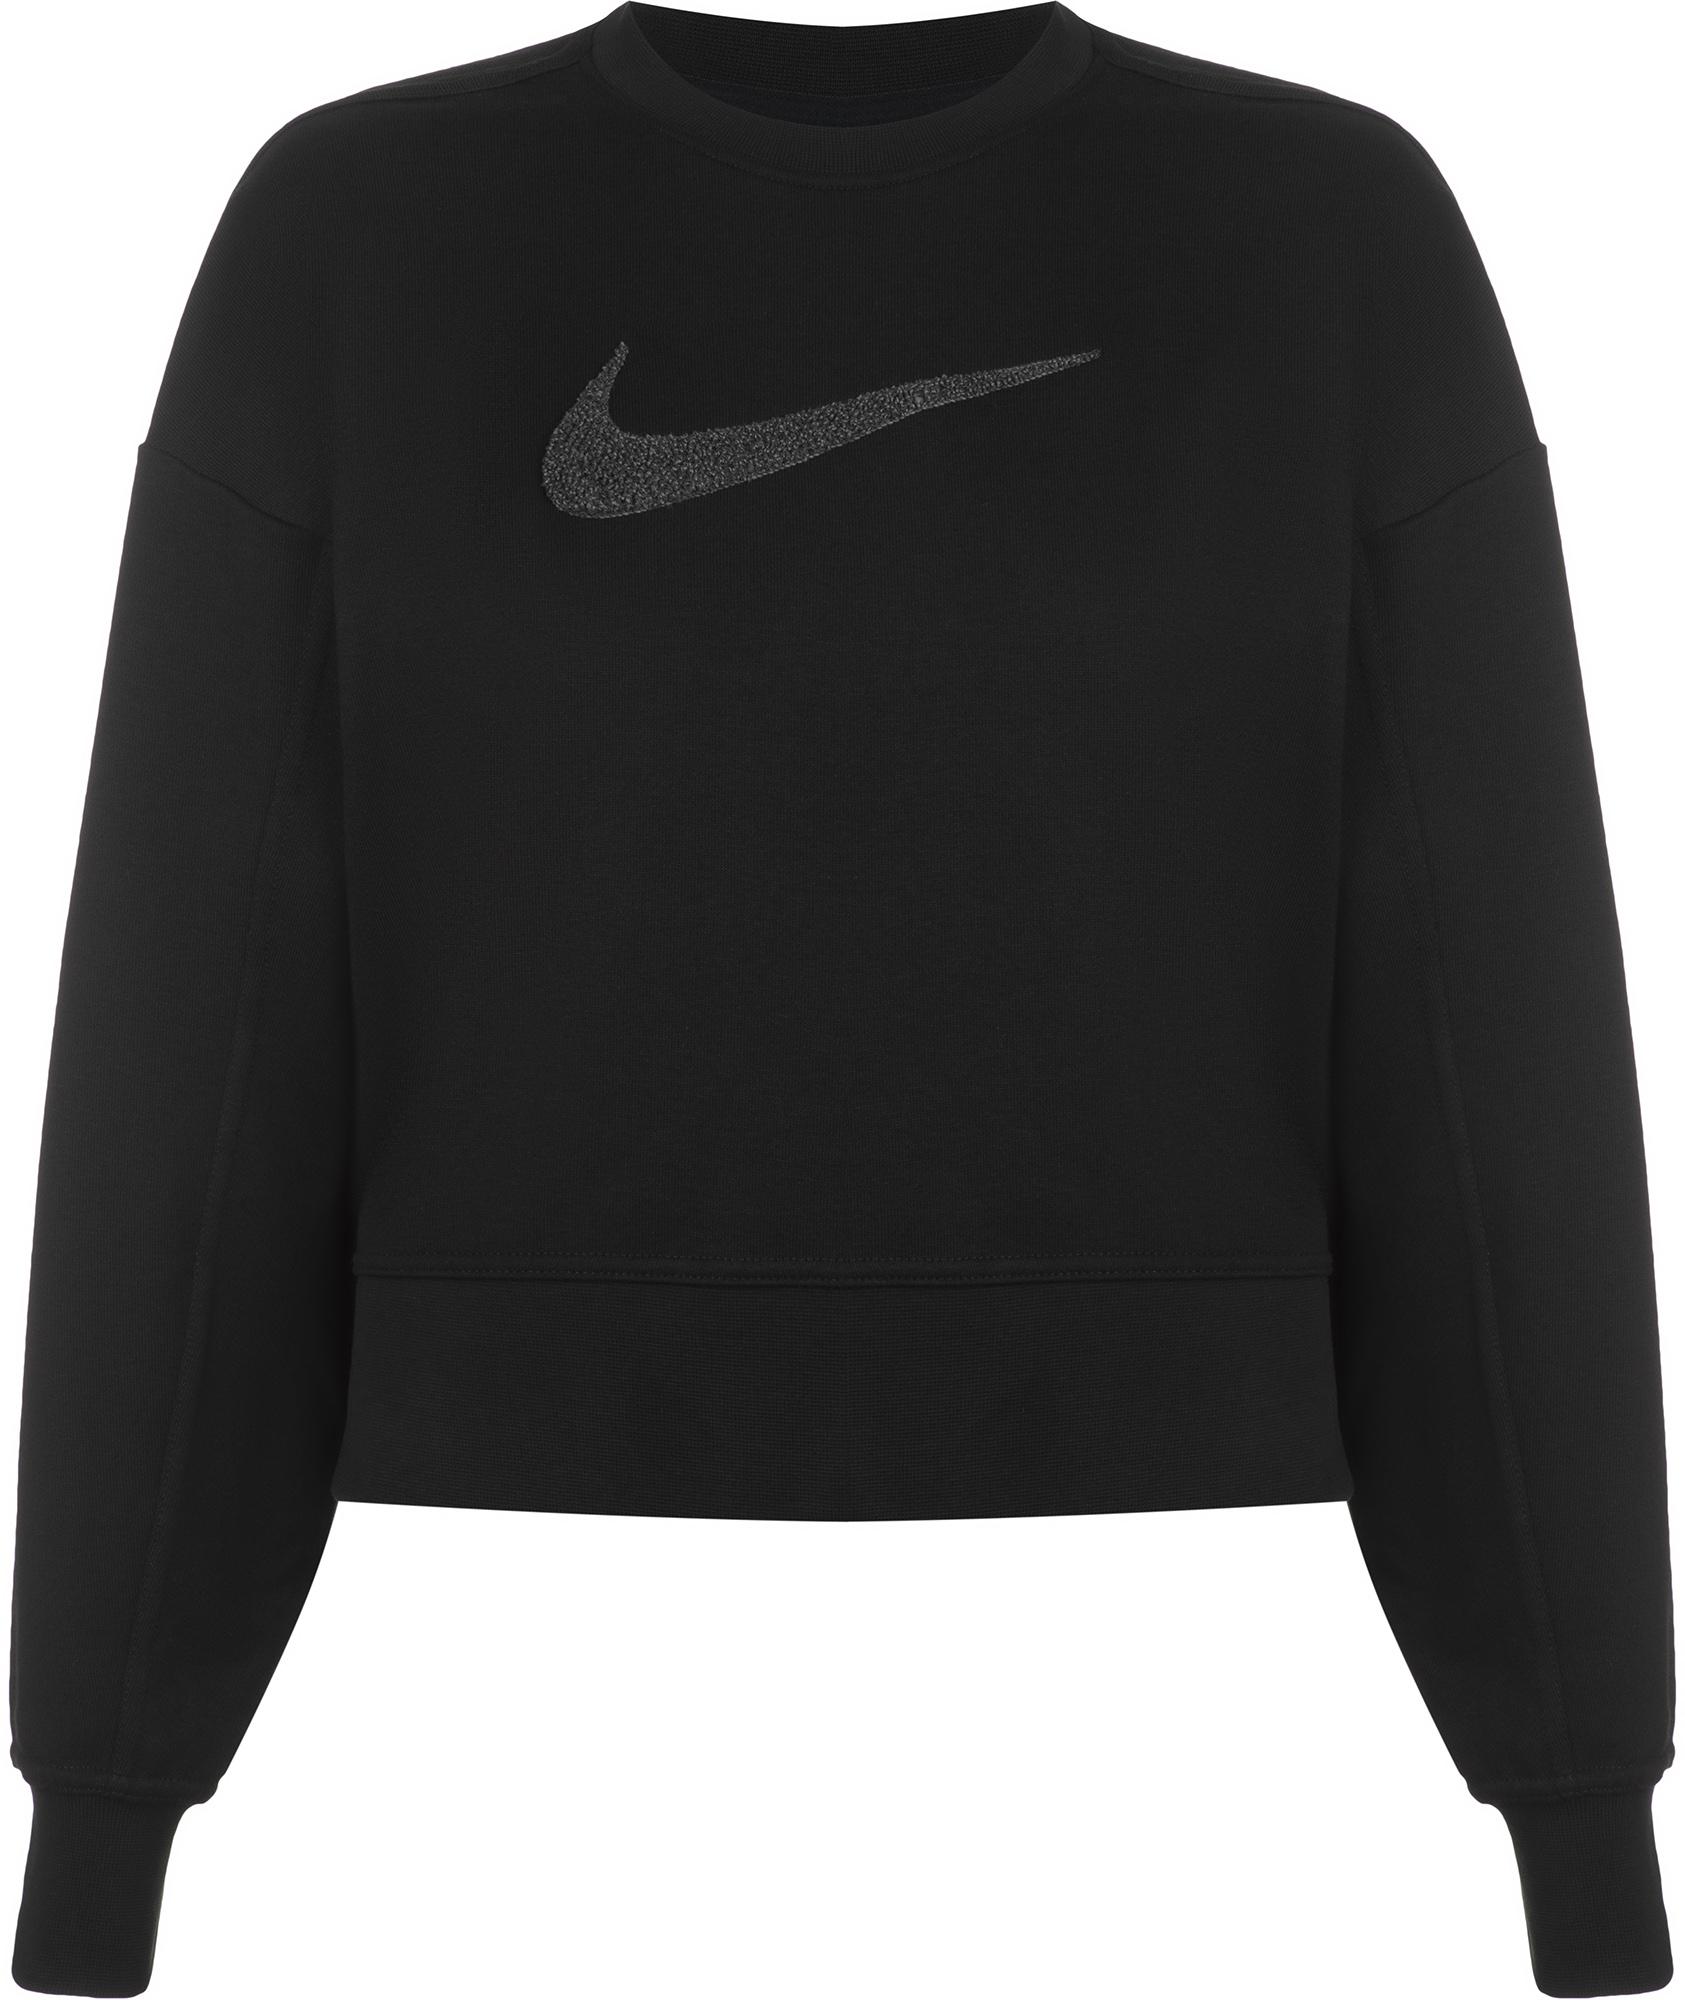 Фото - Nike Свитшот женский Nike Dri-FIT Get Fit, размер 40-42 fit 81030